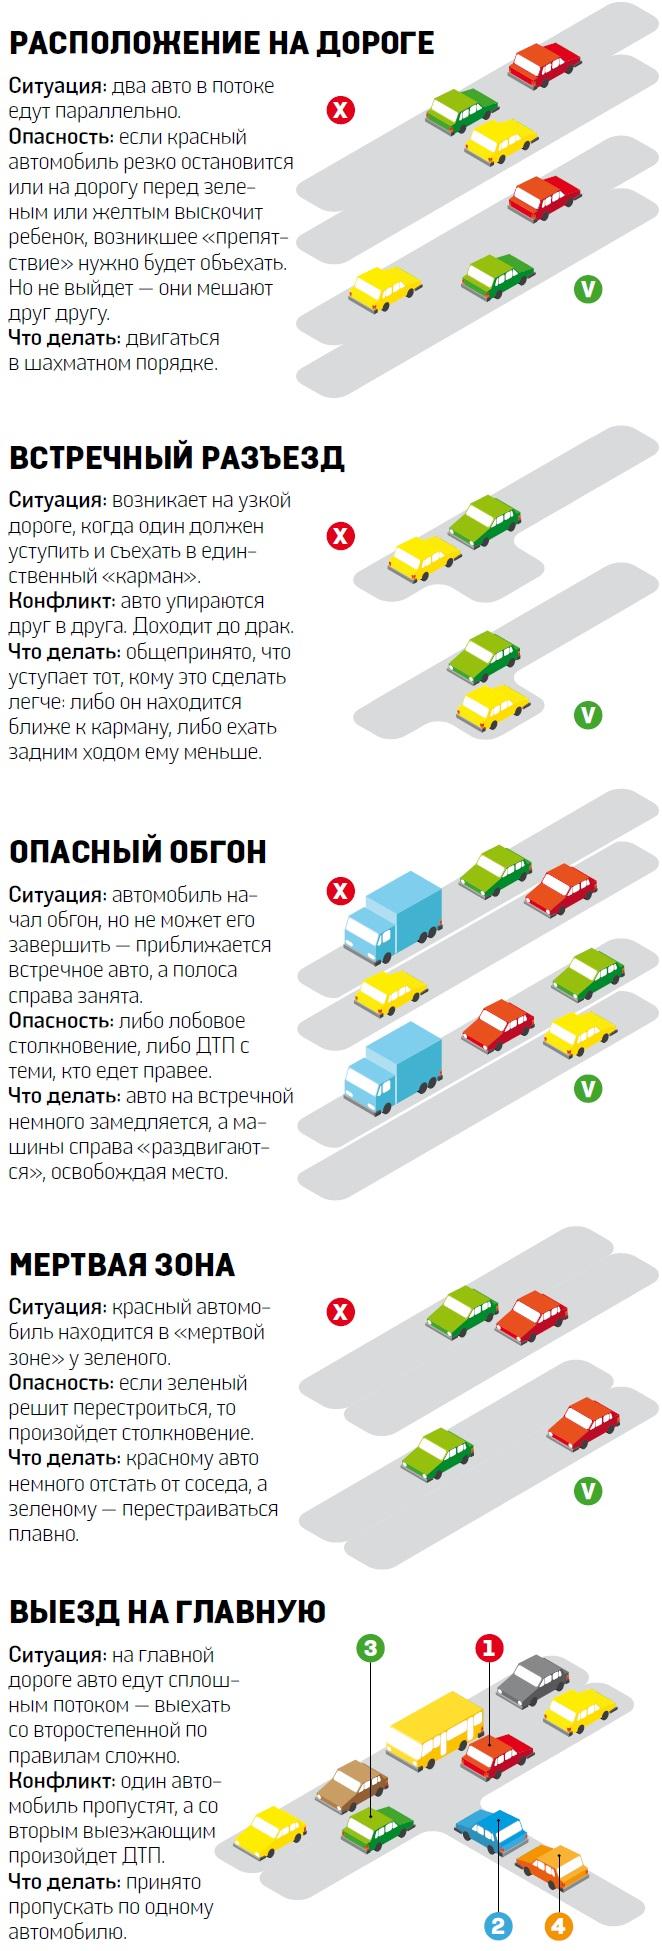 Неписаные правила дорожного движения